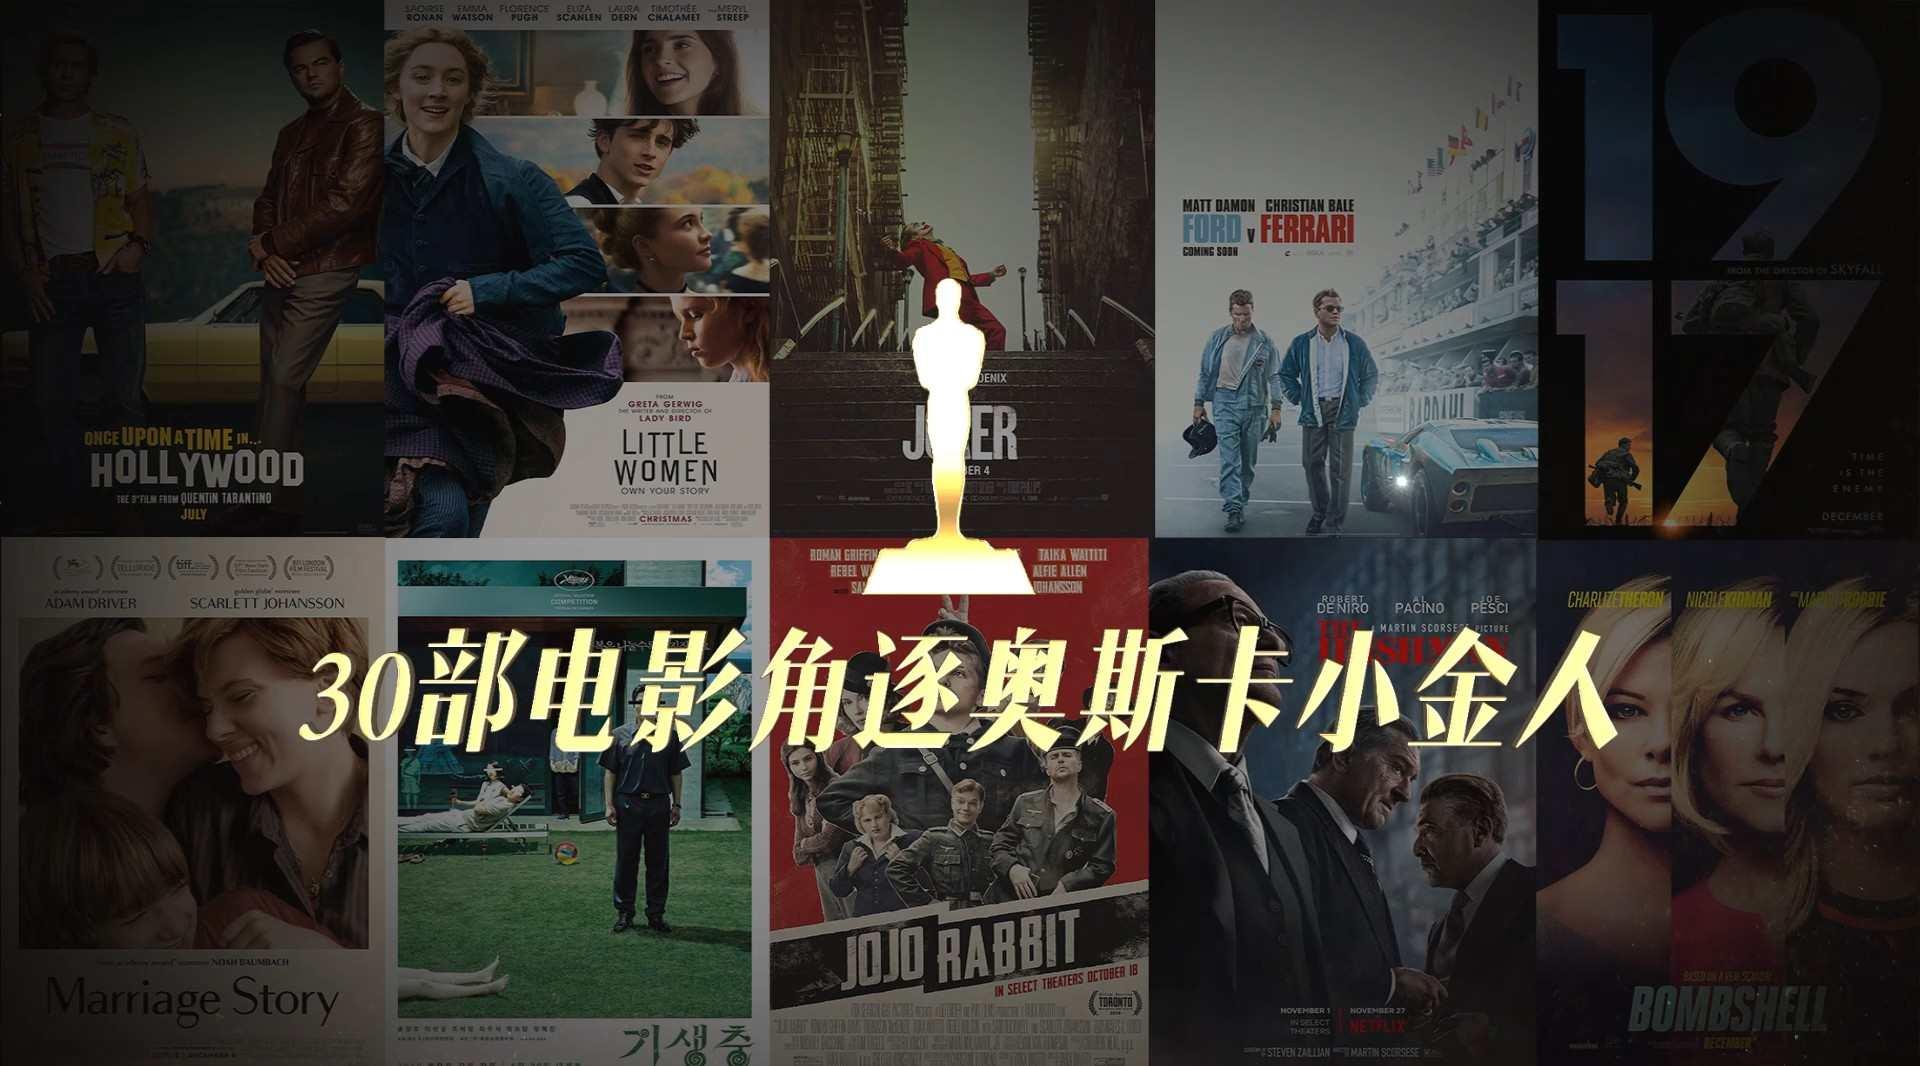 【电影混剪站】第92届奥斯卡提名电影混剪